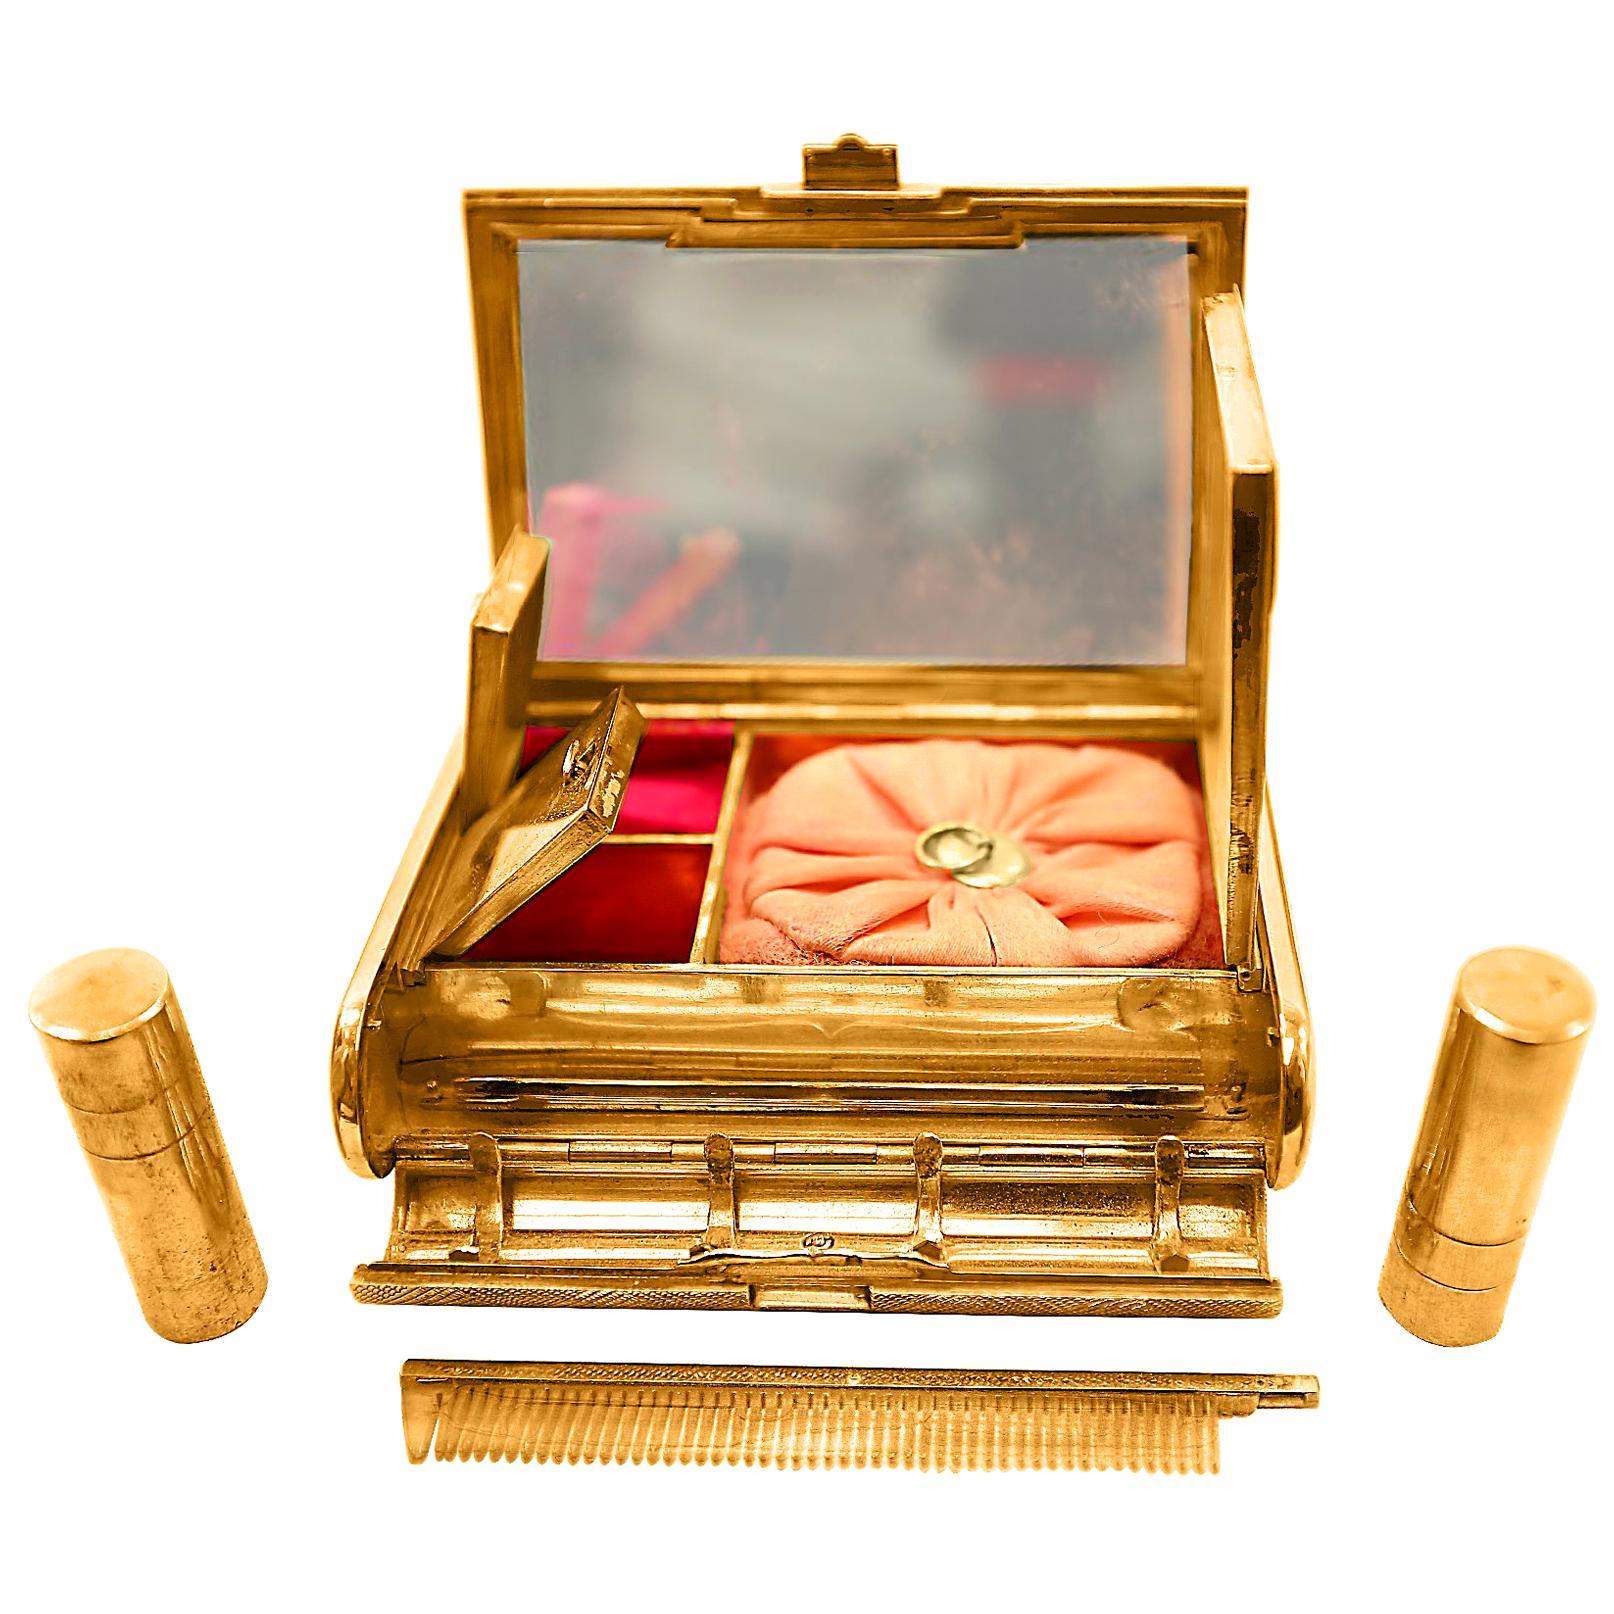 Cartier 18 Karat Yellow Gold Vanity Case 279 Grams, Art Deco, 279 Gm Gold